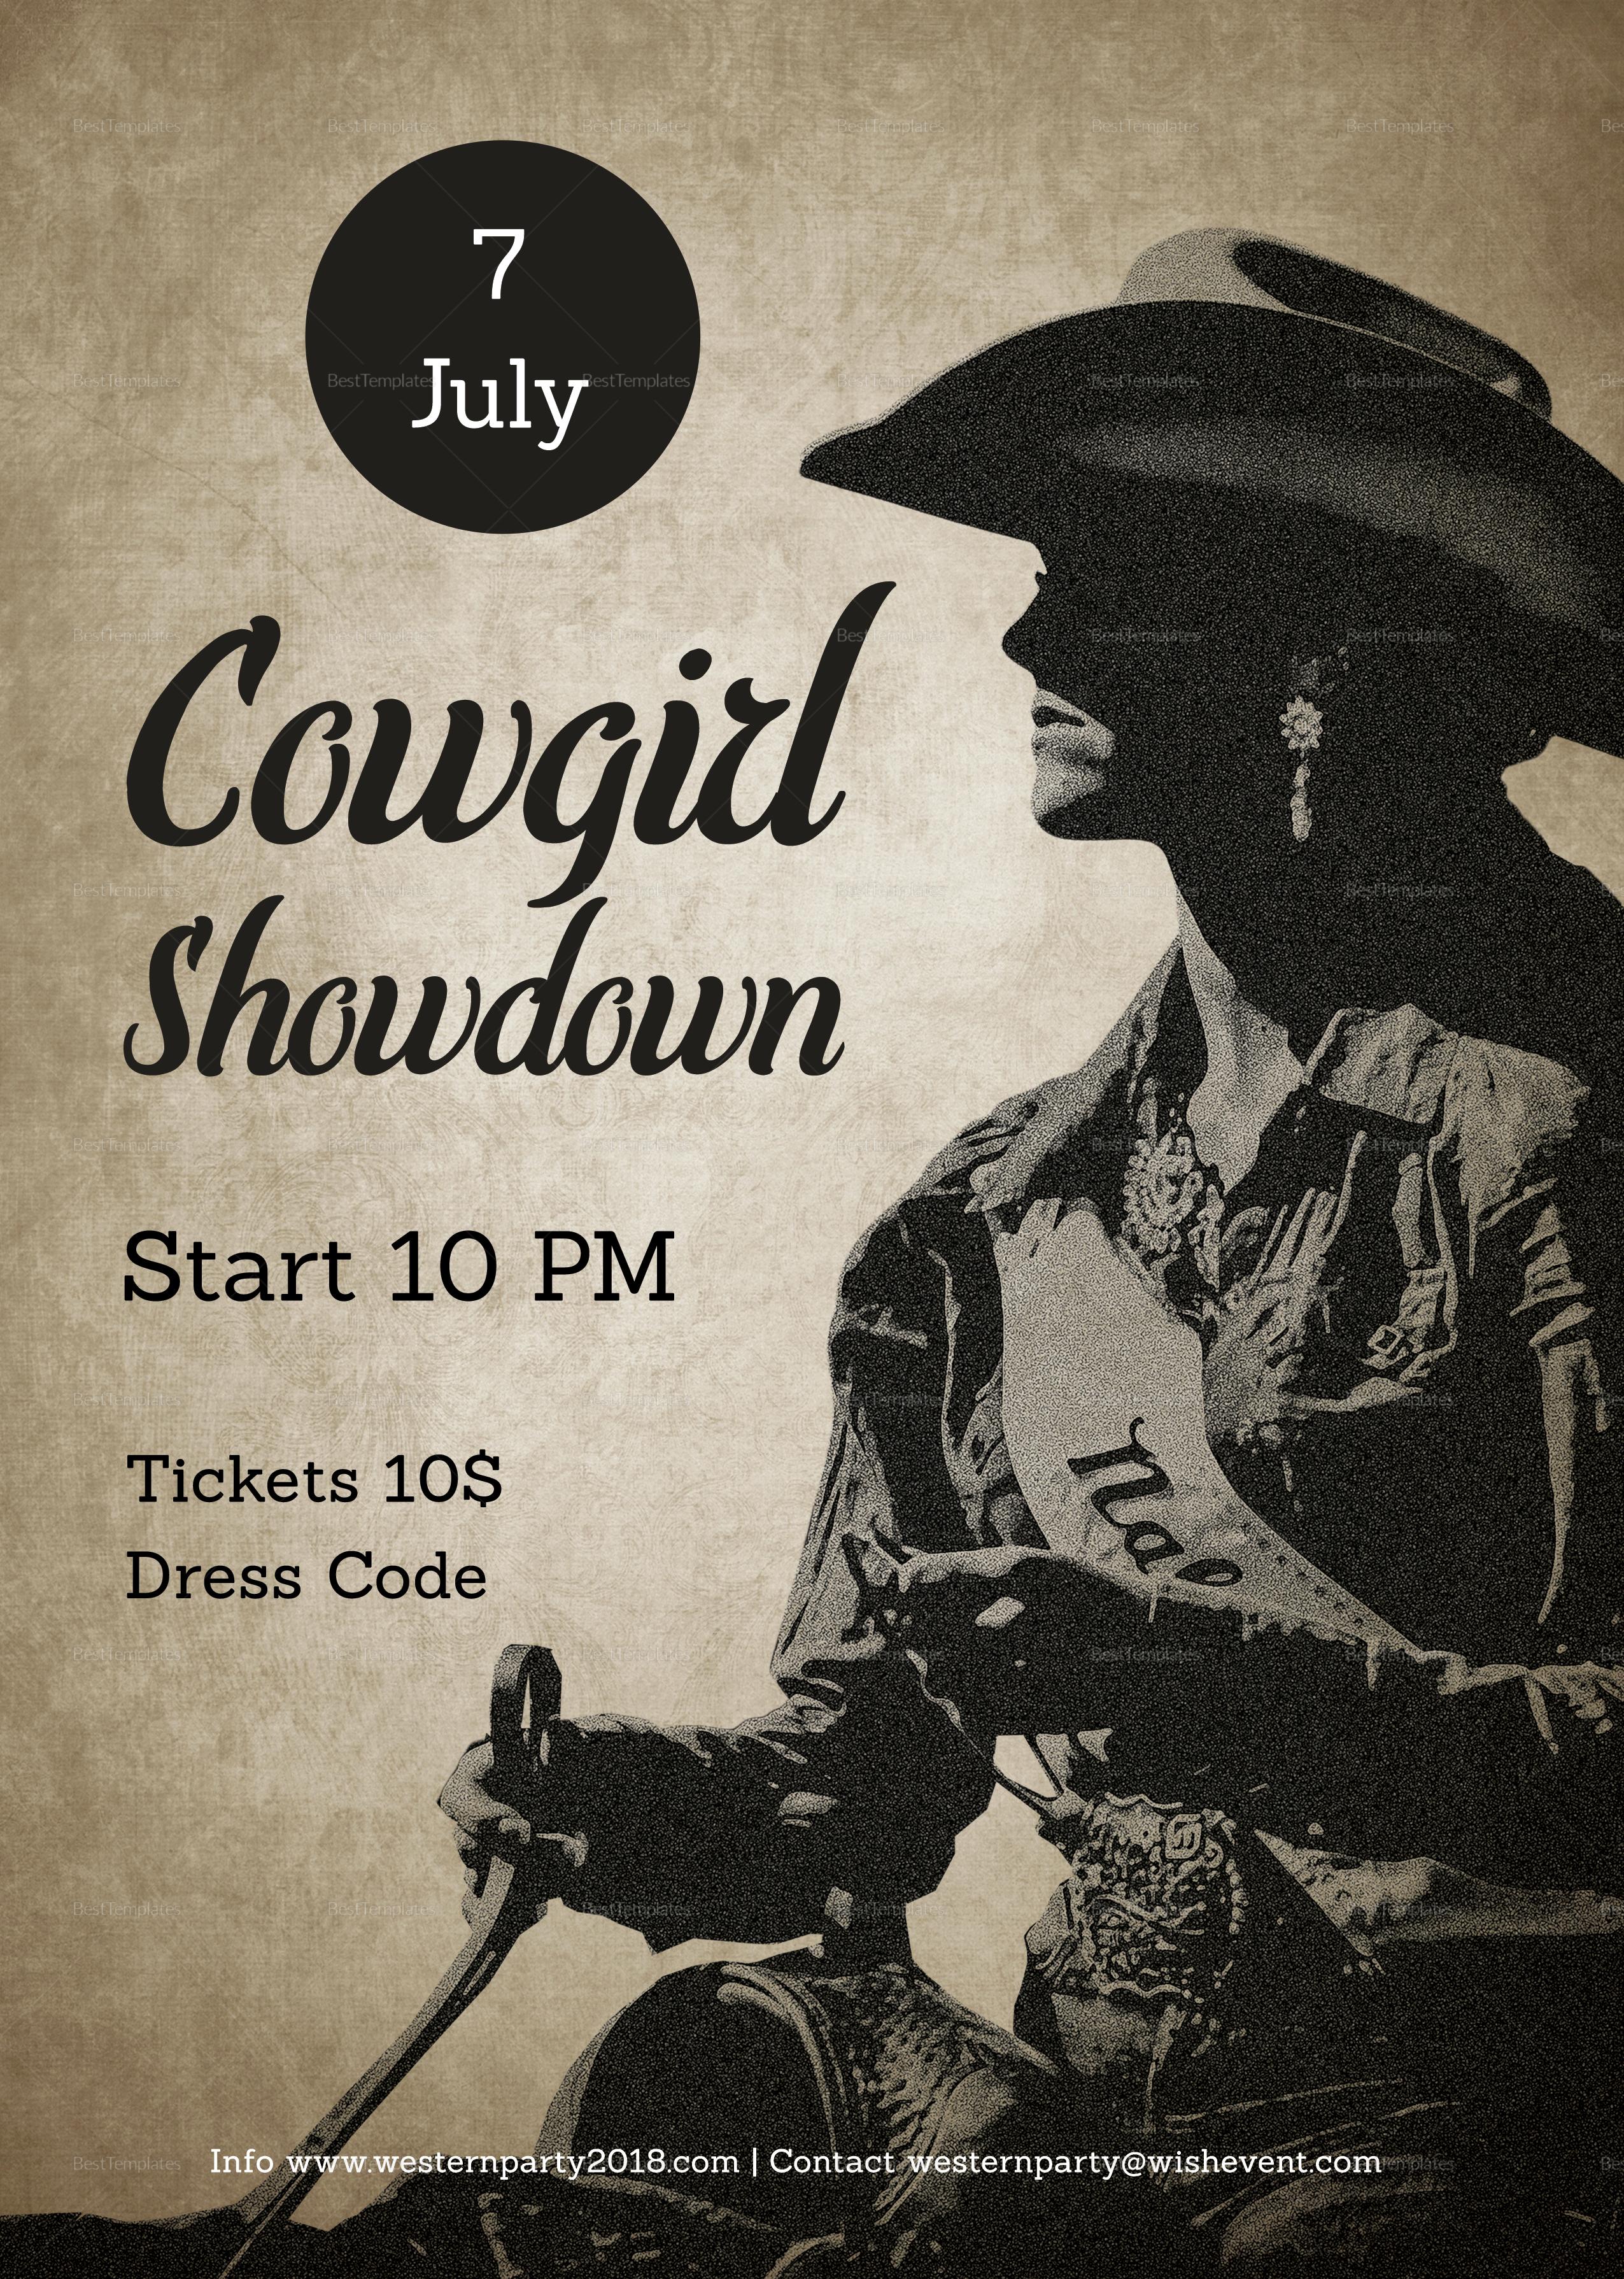 Cowgirl Showdown Flyer